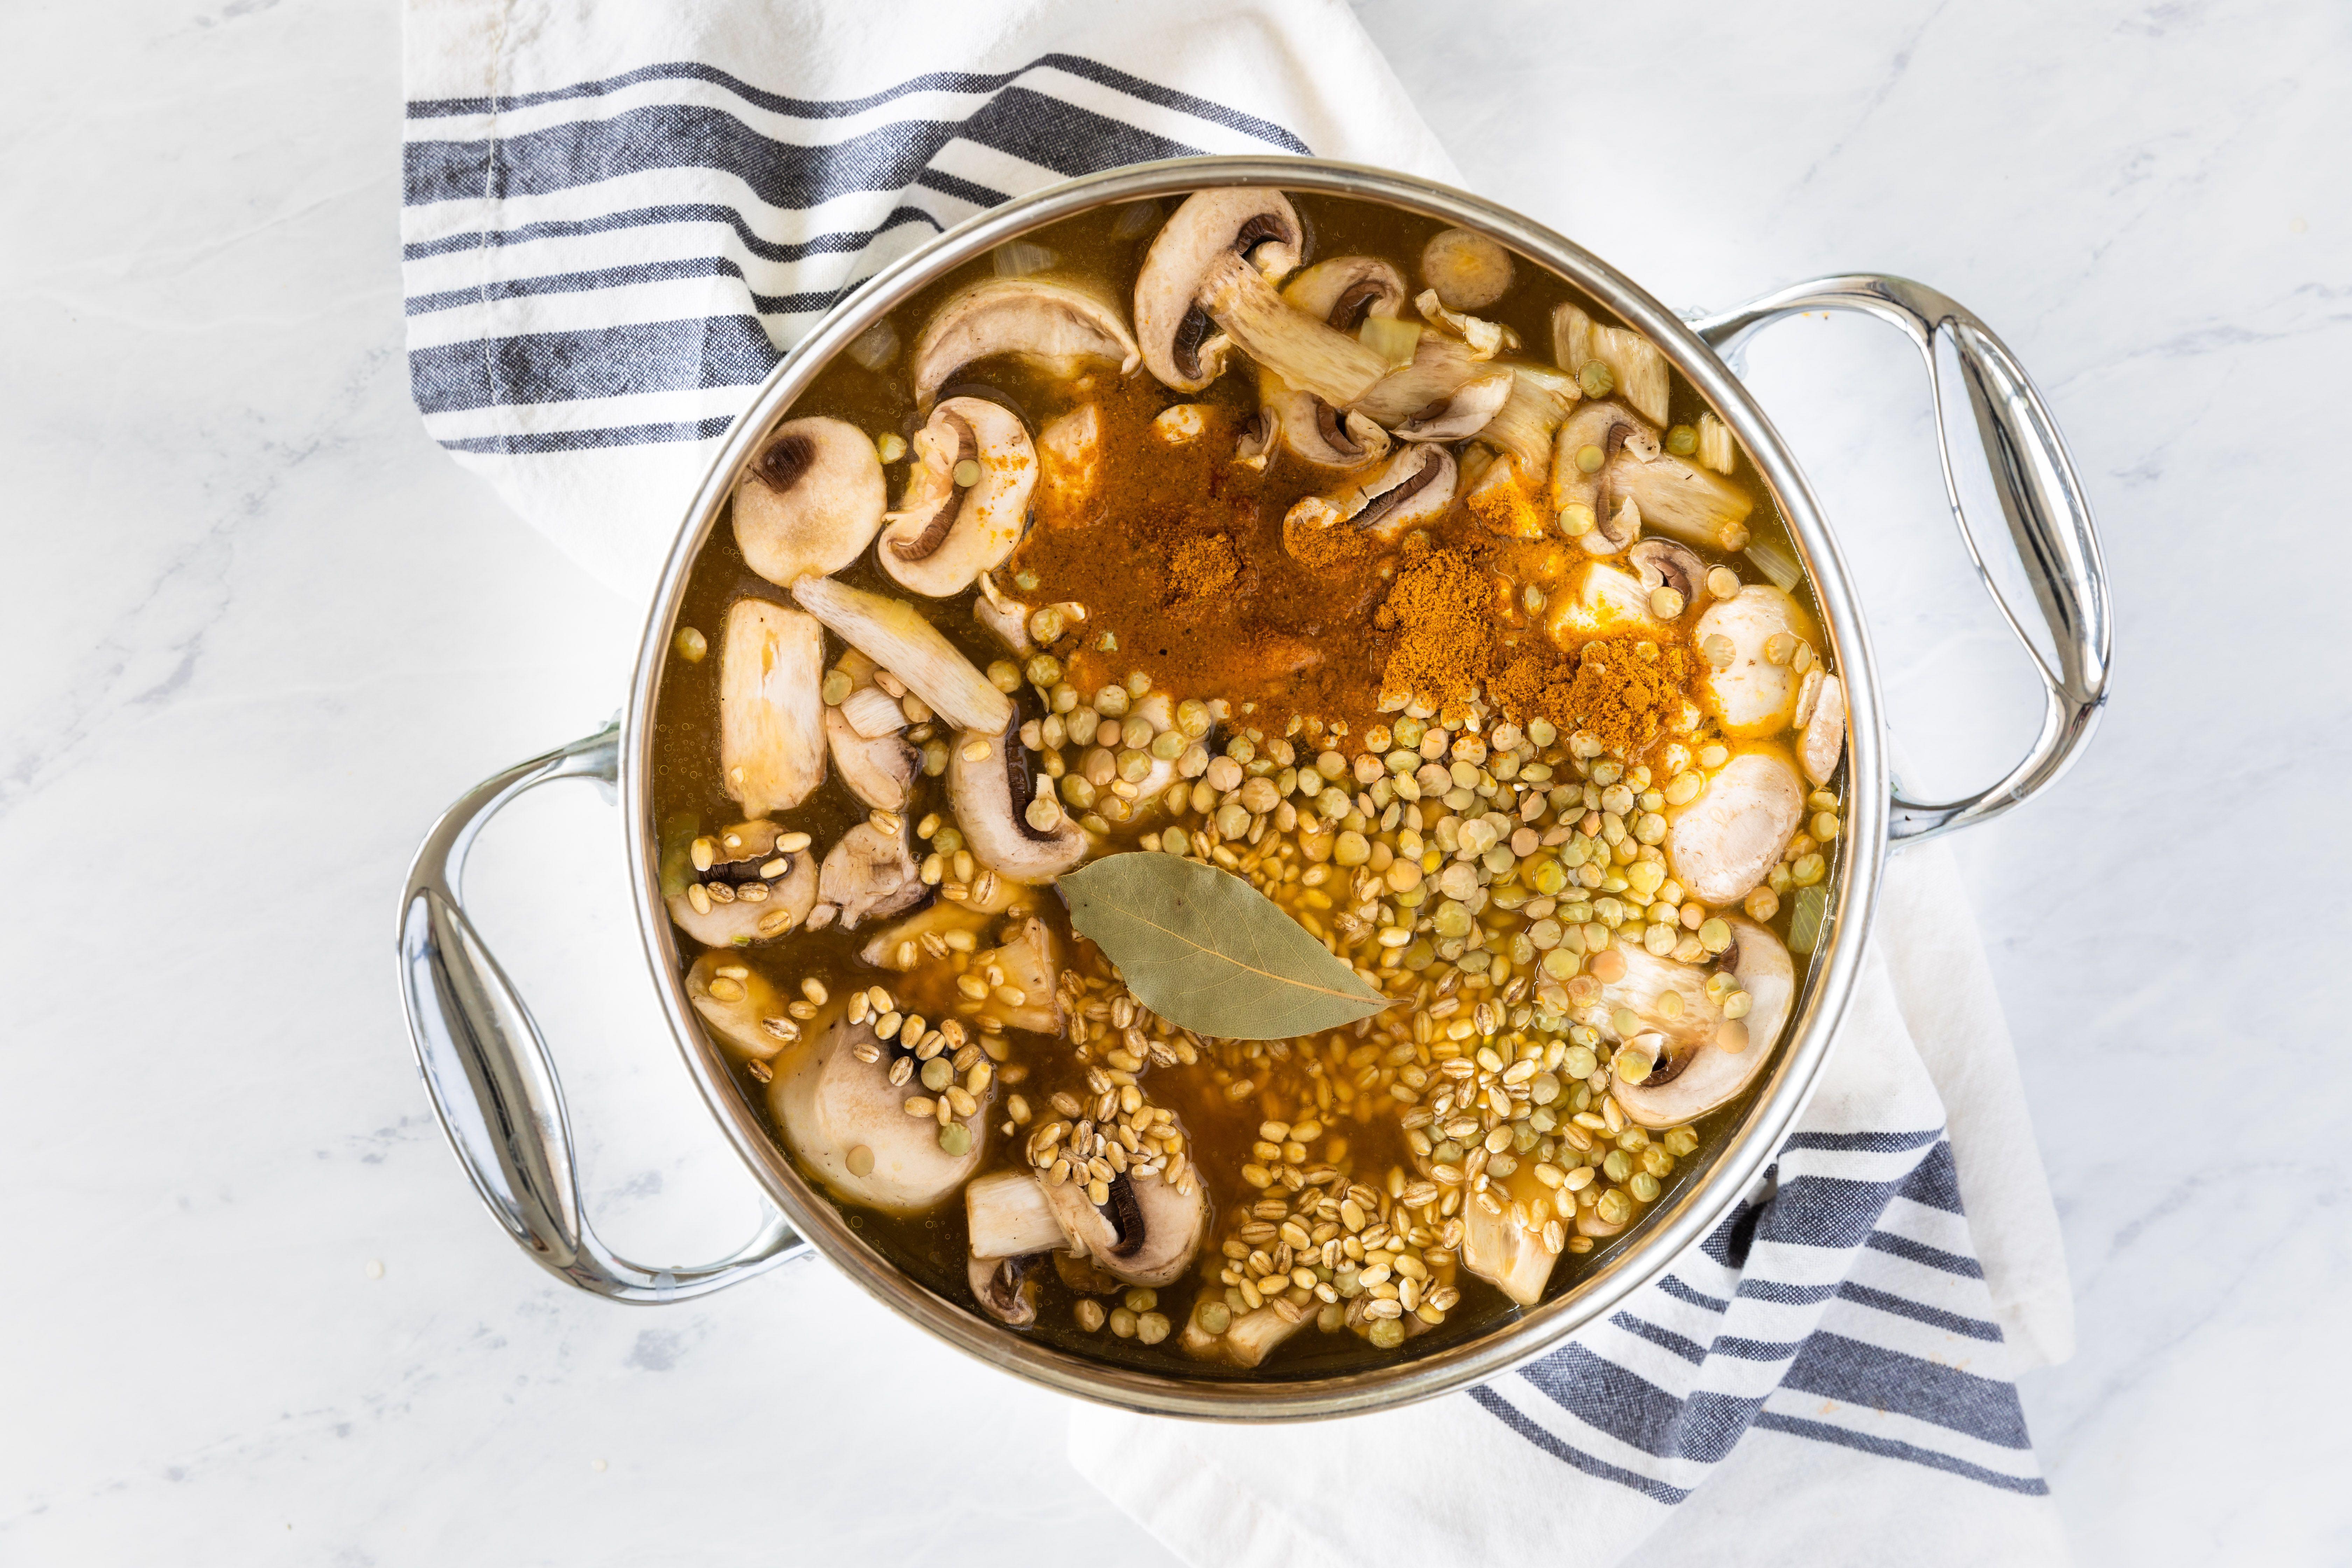 Vegetable broth, mushrooms, lentils, bay leaf, and seasoning in saucepan